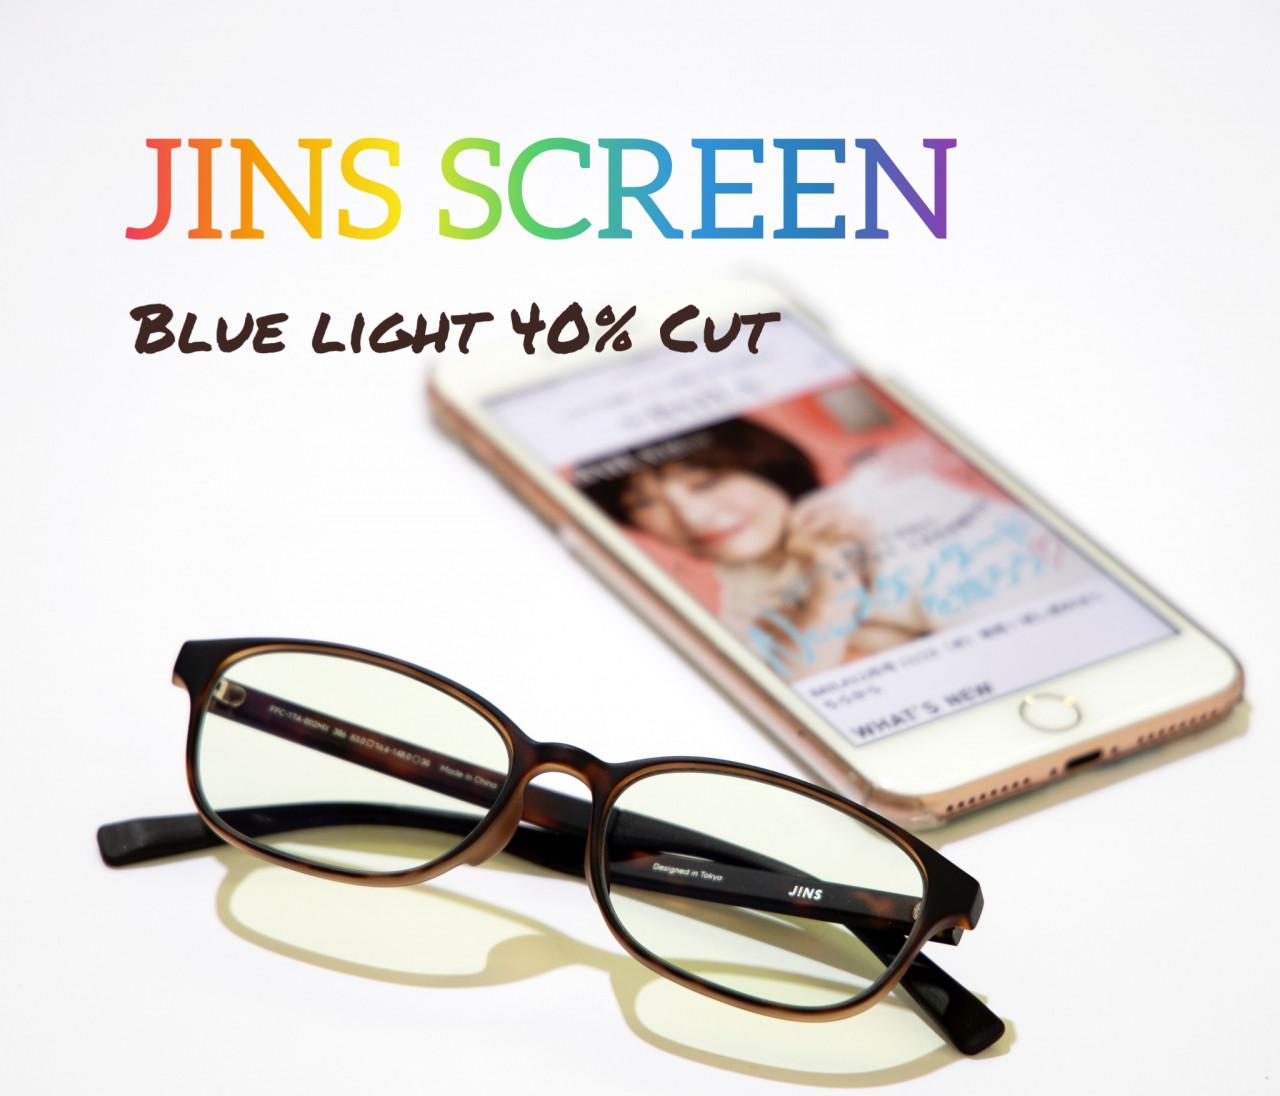 【ブルーライトカットメガネ】「JINS SCREEN」がPC作業にお役立ち。家でも会社デスクでもヘビロテ!【エディターのおうち私物vol.209】